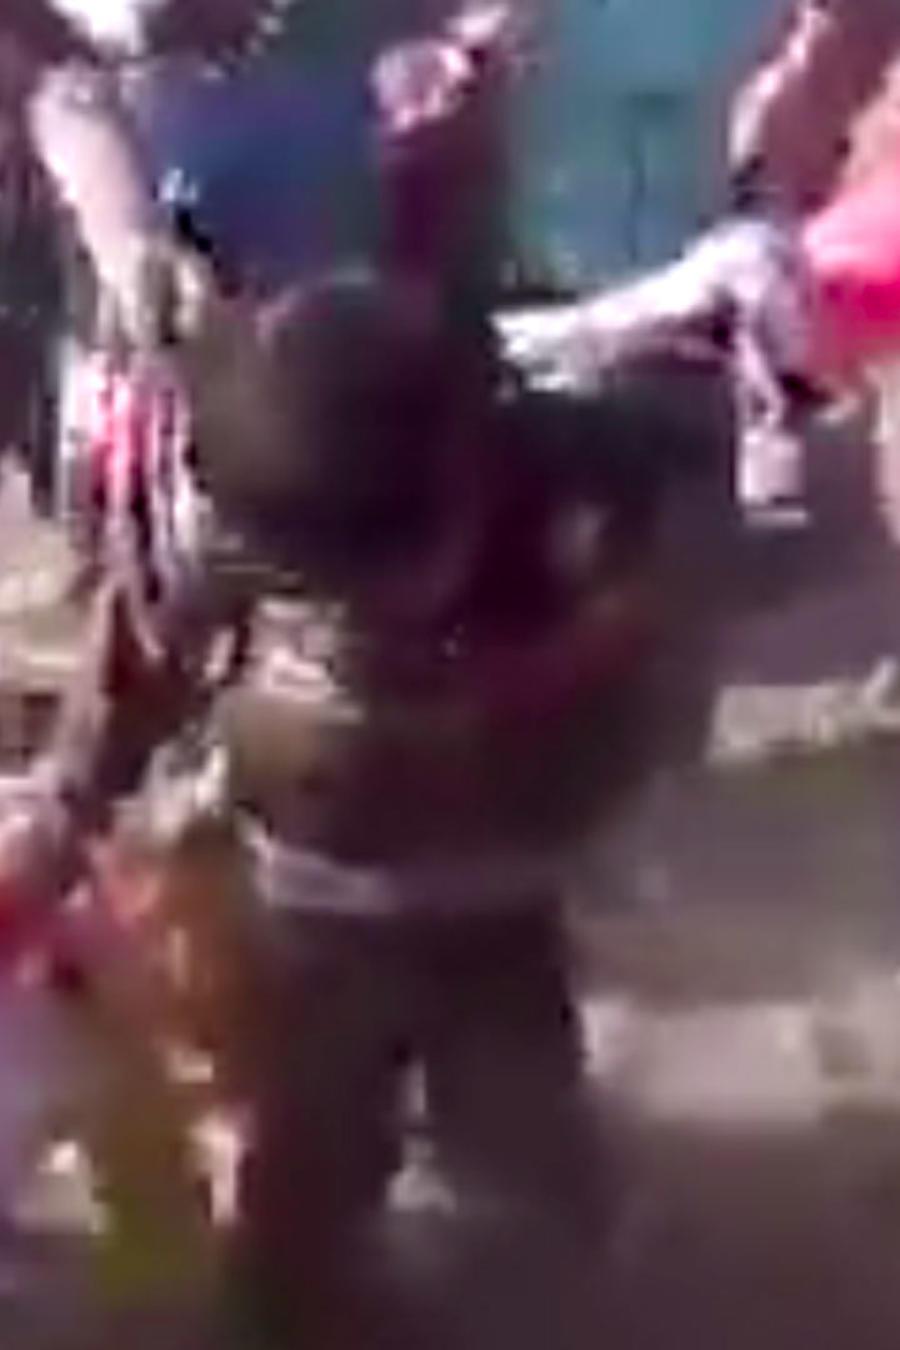 Emborrachan a dos niños de siete años en unas fiestas en Perú